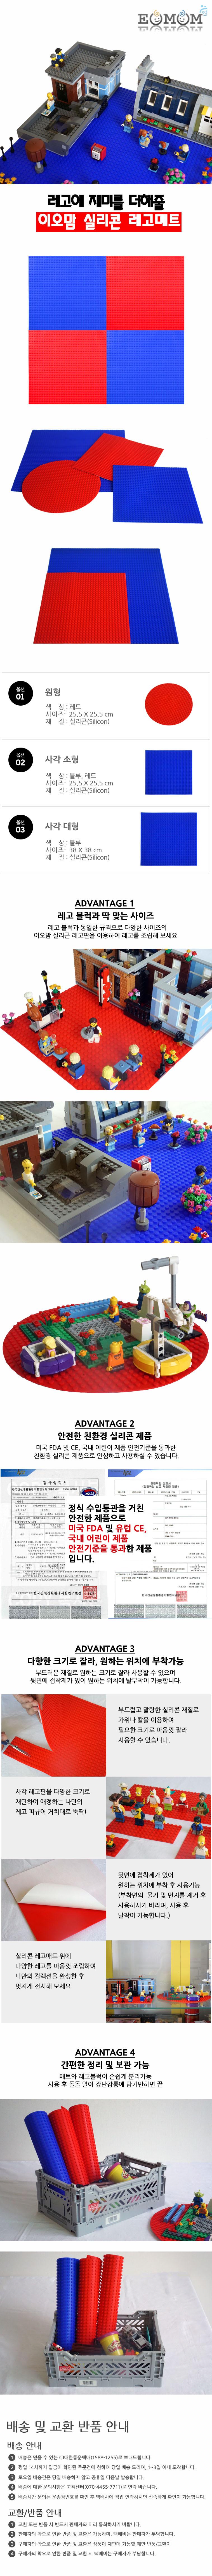 이오맘 실리콘 레고 블럭매트 레고판 블럭판 - 이오맘, 15,900원, 레고/블록, 레고